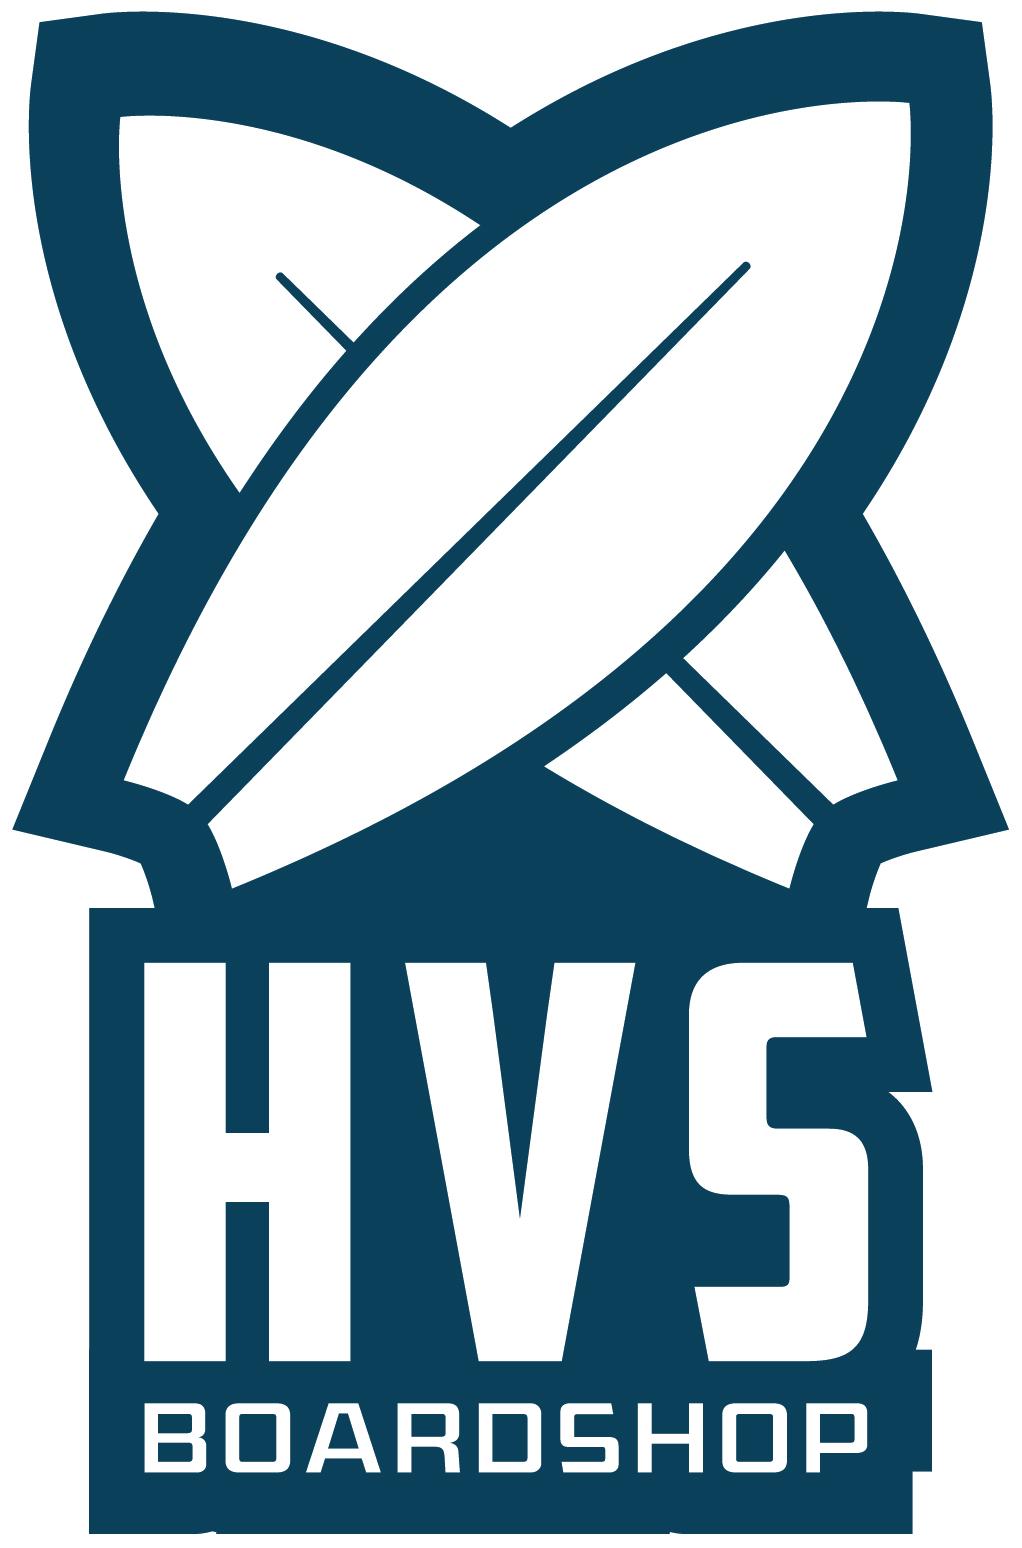 HVS Boardshop